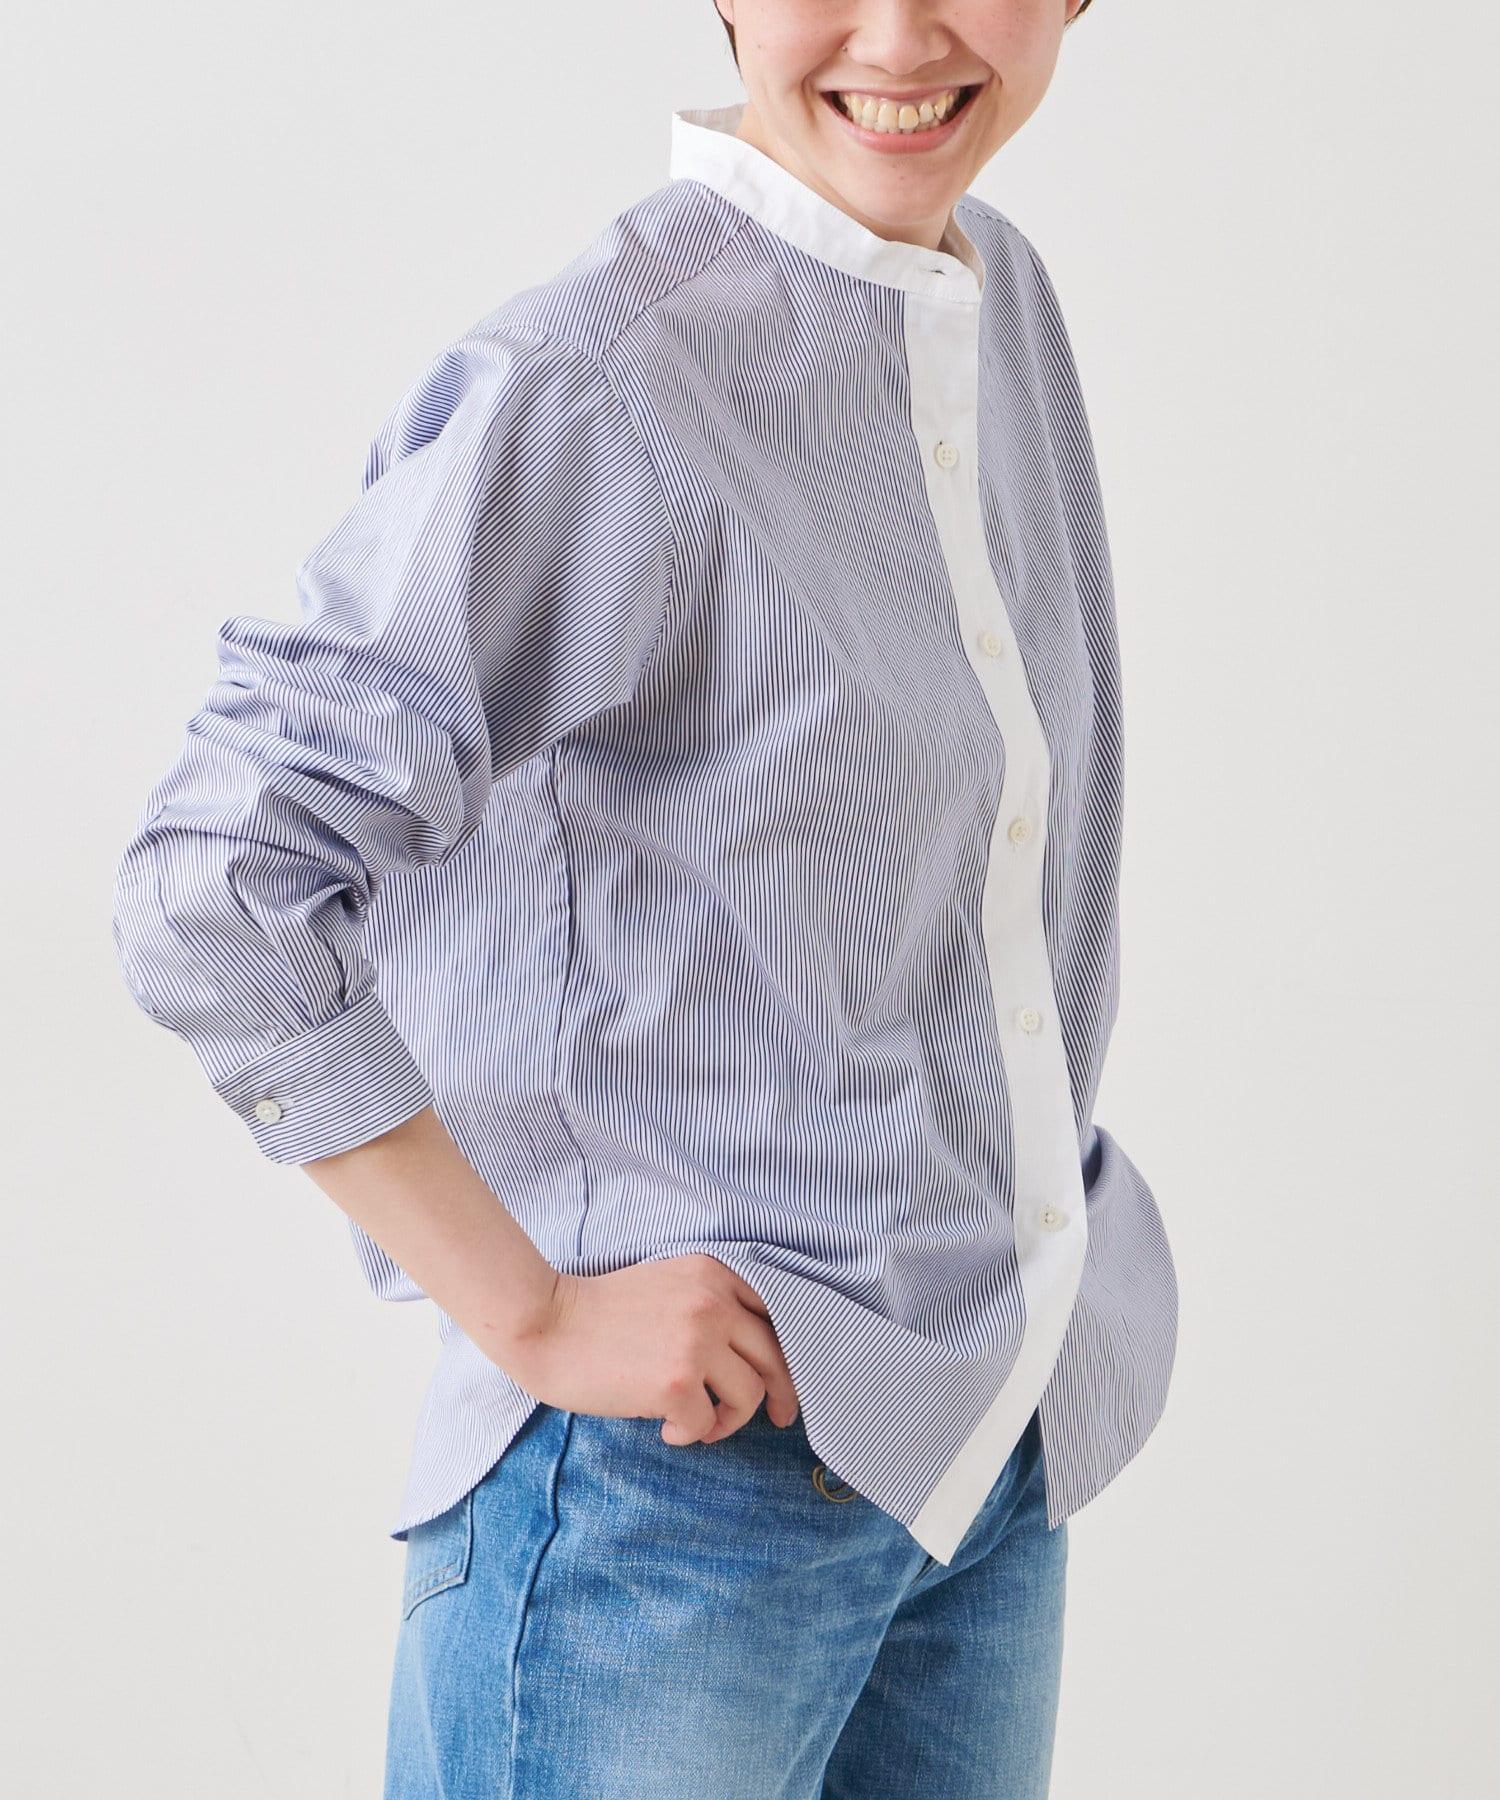 LIVETART(リヴェタート) 《STAMP AND DIARY》スタンドカラークレリックシャツ【WEB限定】